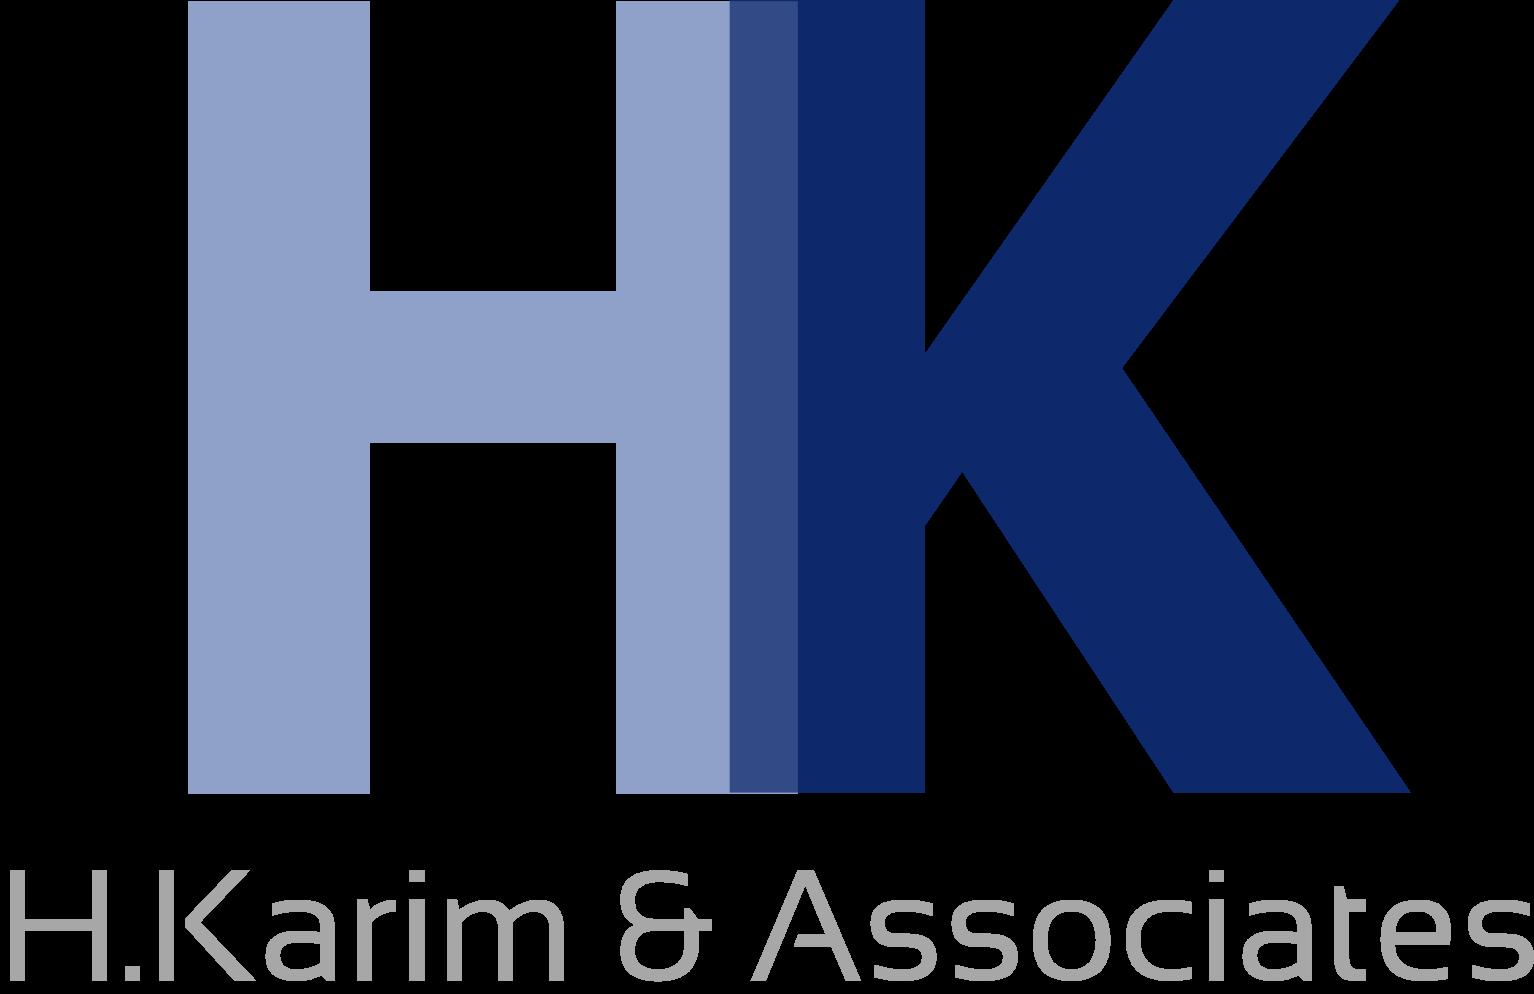 H.Karim Blog